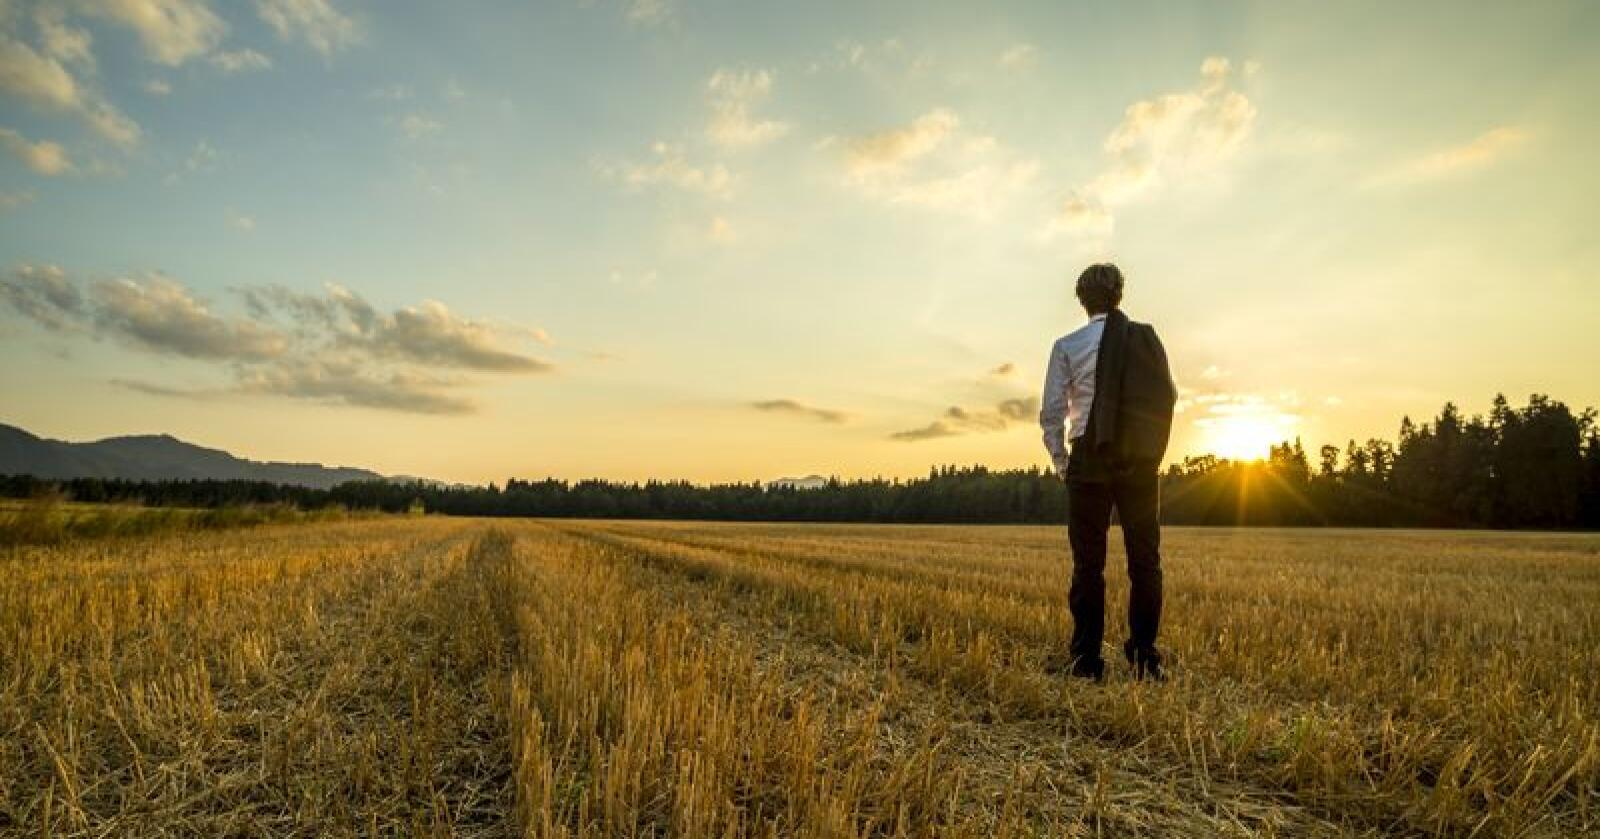 Fôrkrisen landet over har også en menneskelig side. Bondelaget både sentralt og hos fylkeskontorene får nå mange henvendelse rfra fortvilte bønder som frykter for egen psykiske helse. Foto: Shutterstock/Gajus